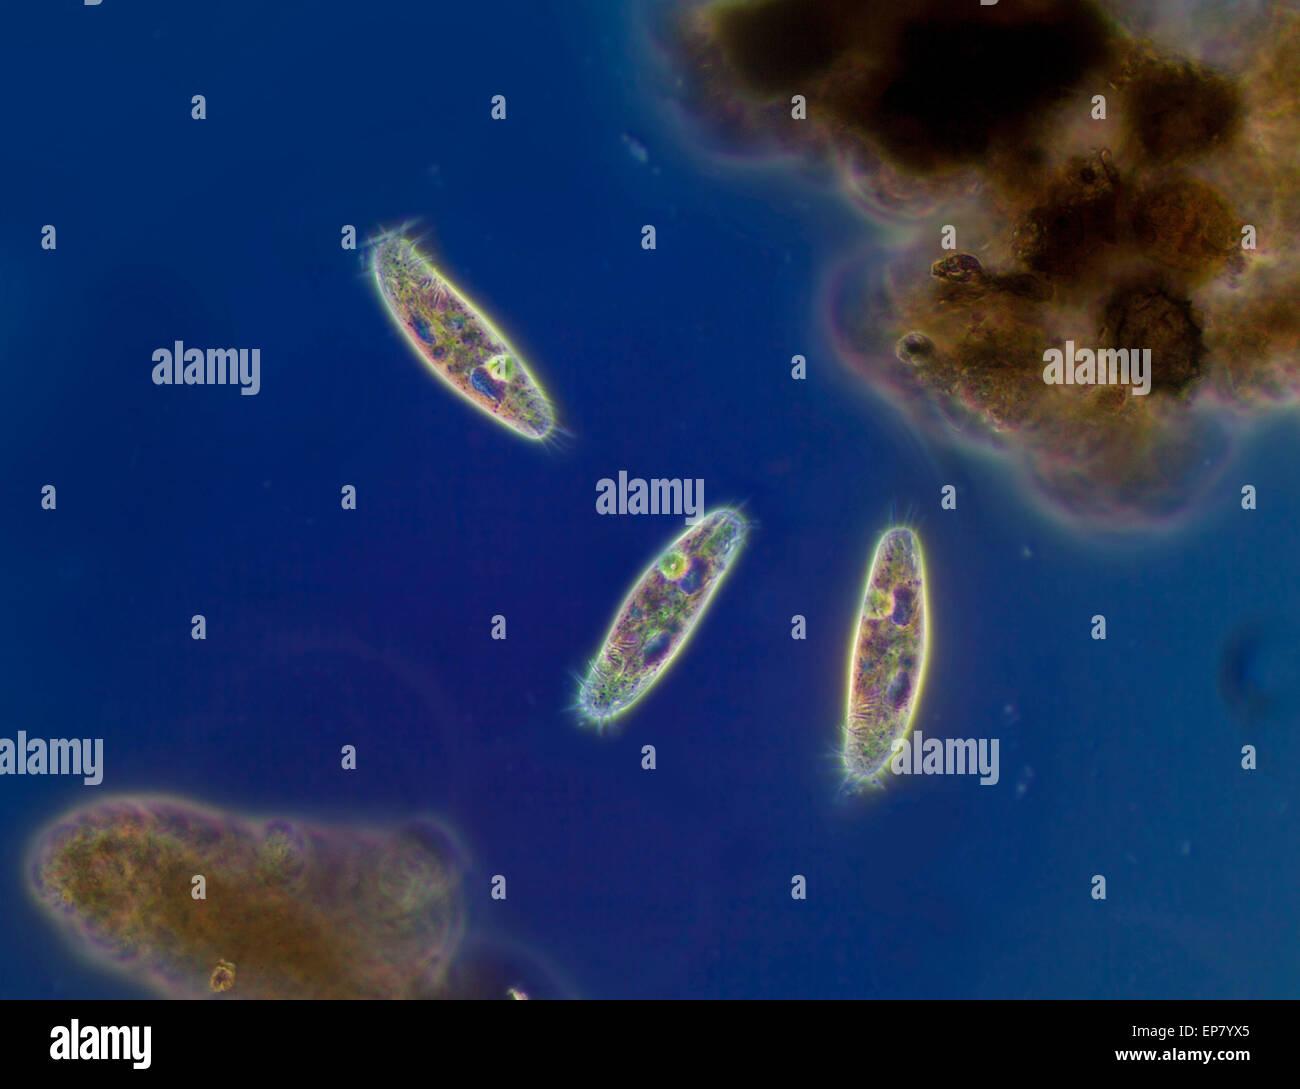 Pondlife, fotomicrografia, euplotes, un hypotrich ciliato. ypotrichs hanno 'blocchi' di ciglia in gruppi Immagini Stock